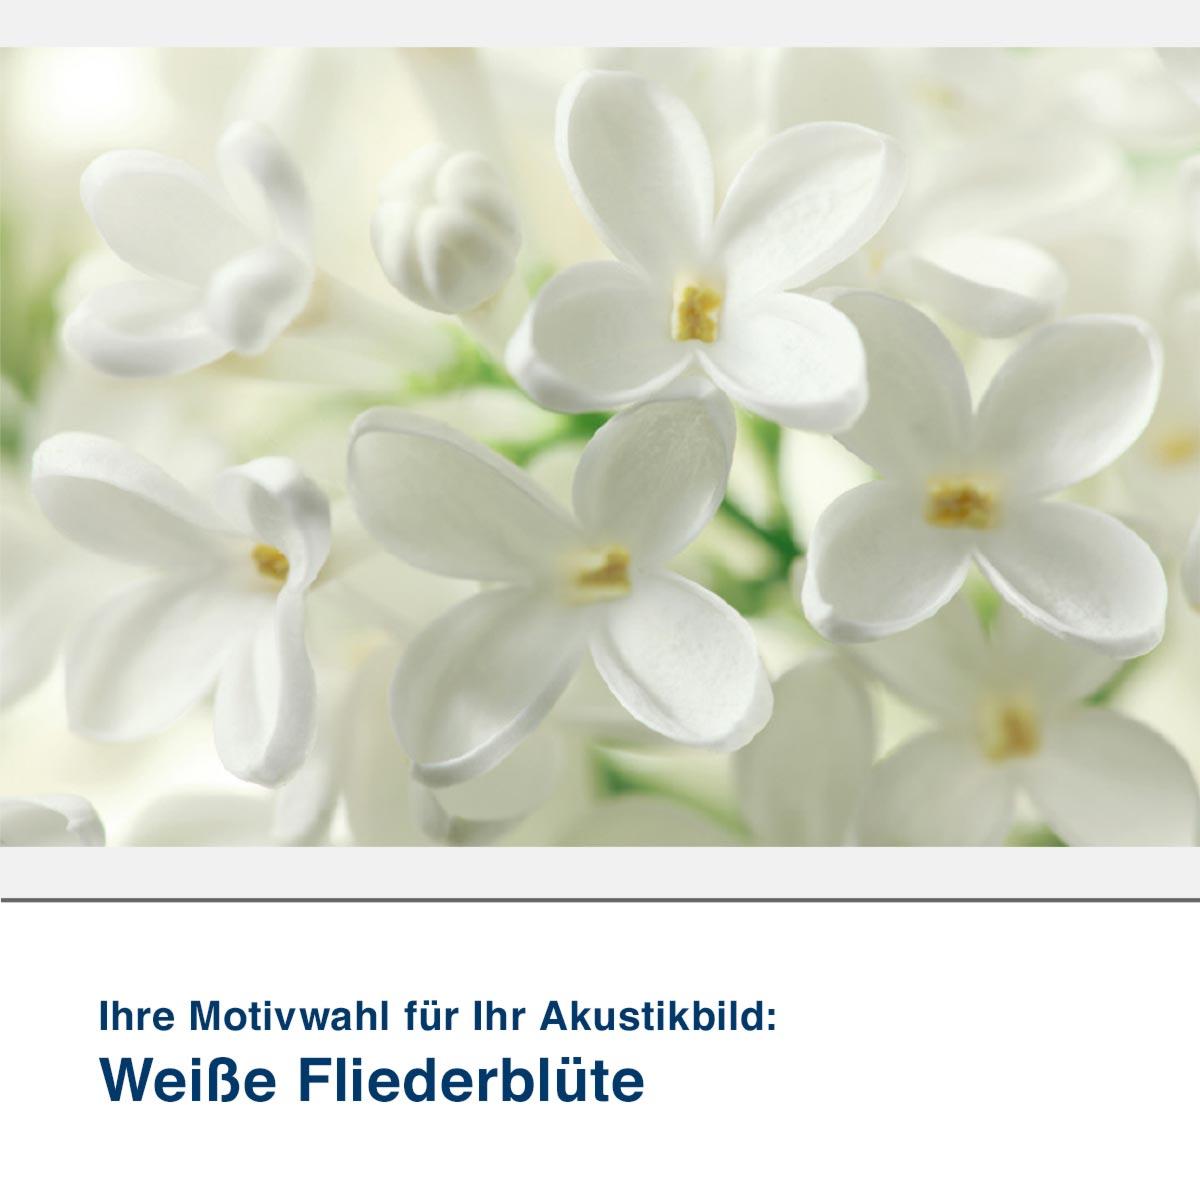 Akustikbild Motiv Weiße Fliederblüte